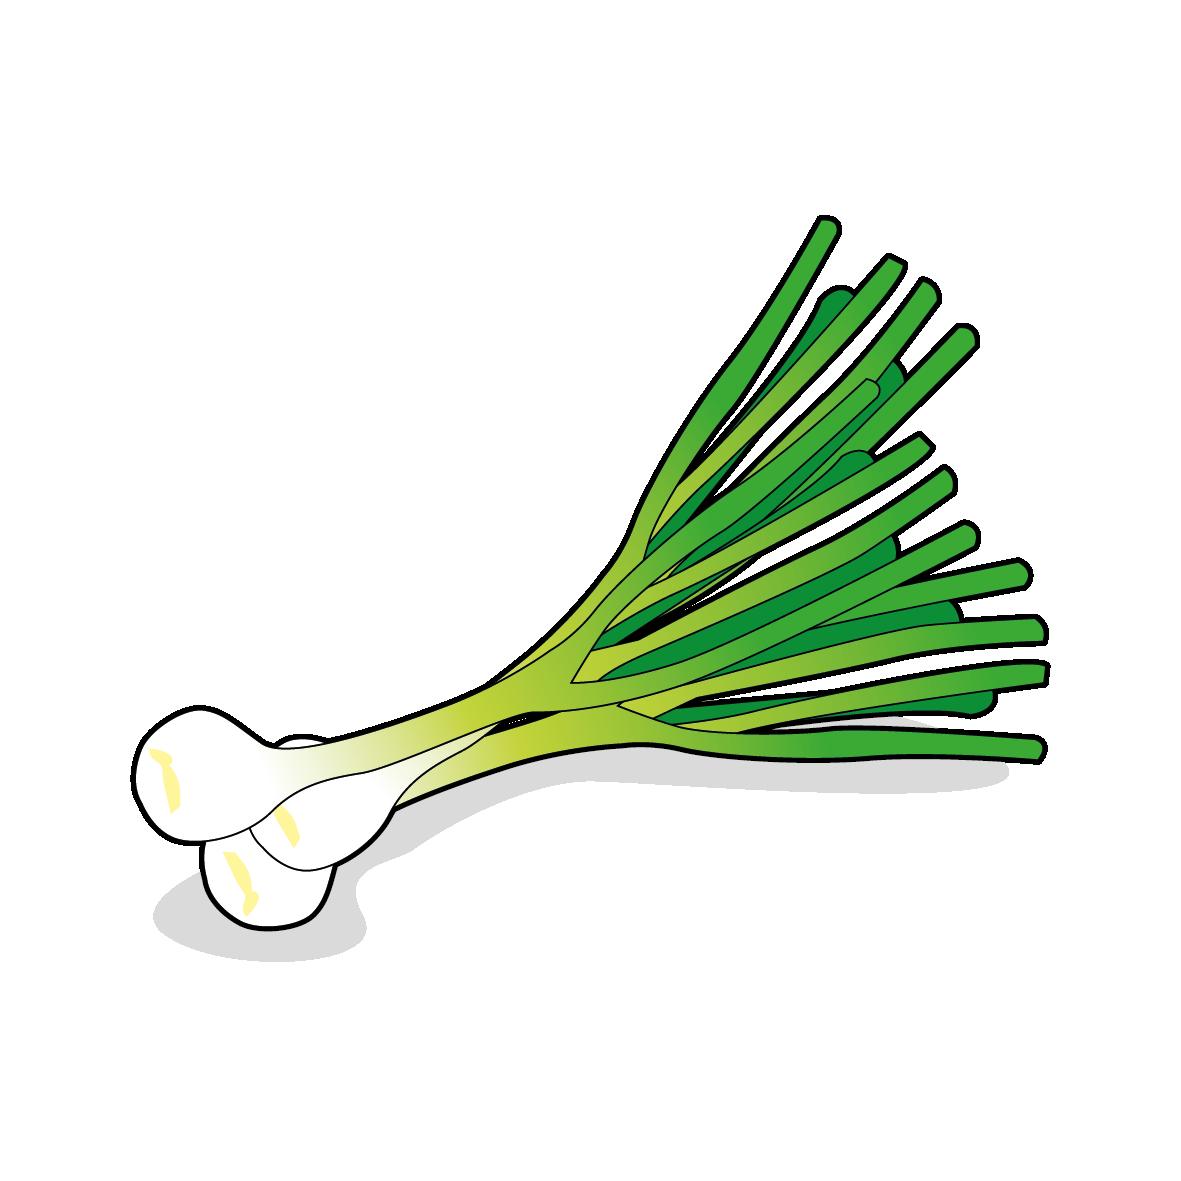 Icone de l'oignon nouveau, ailmacocotte.com